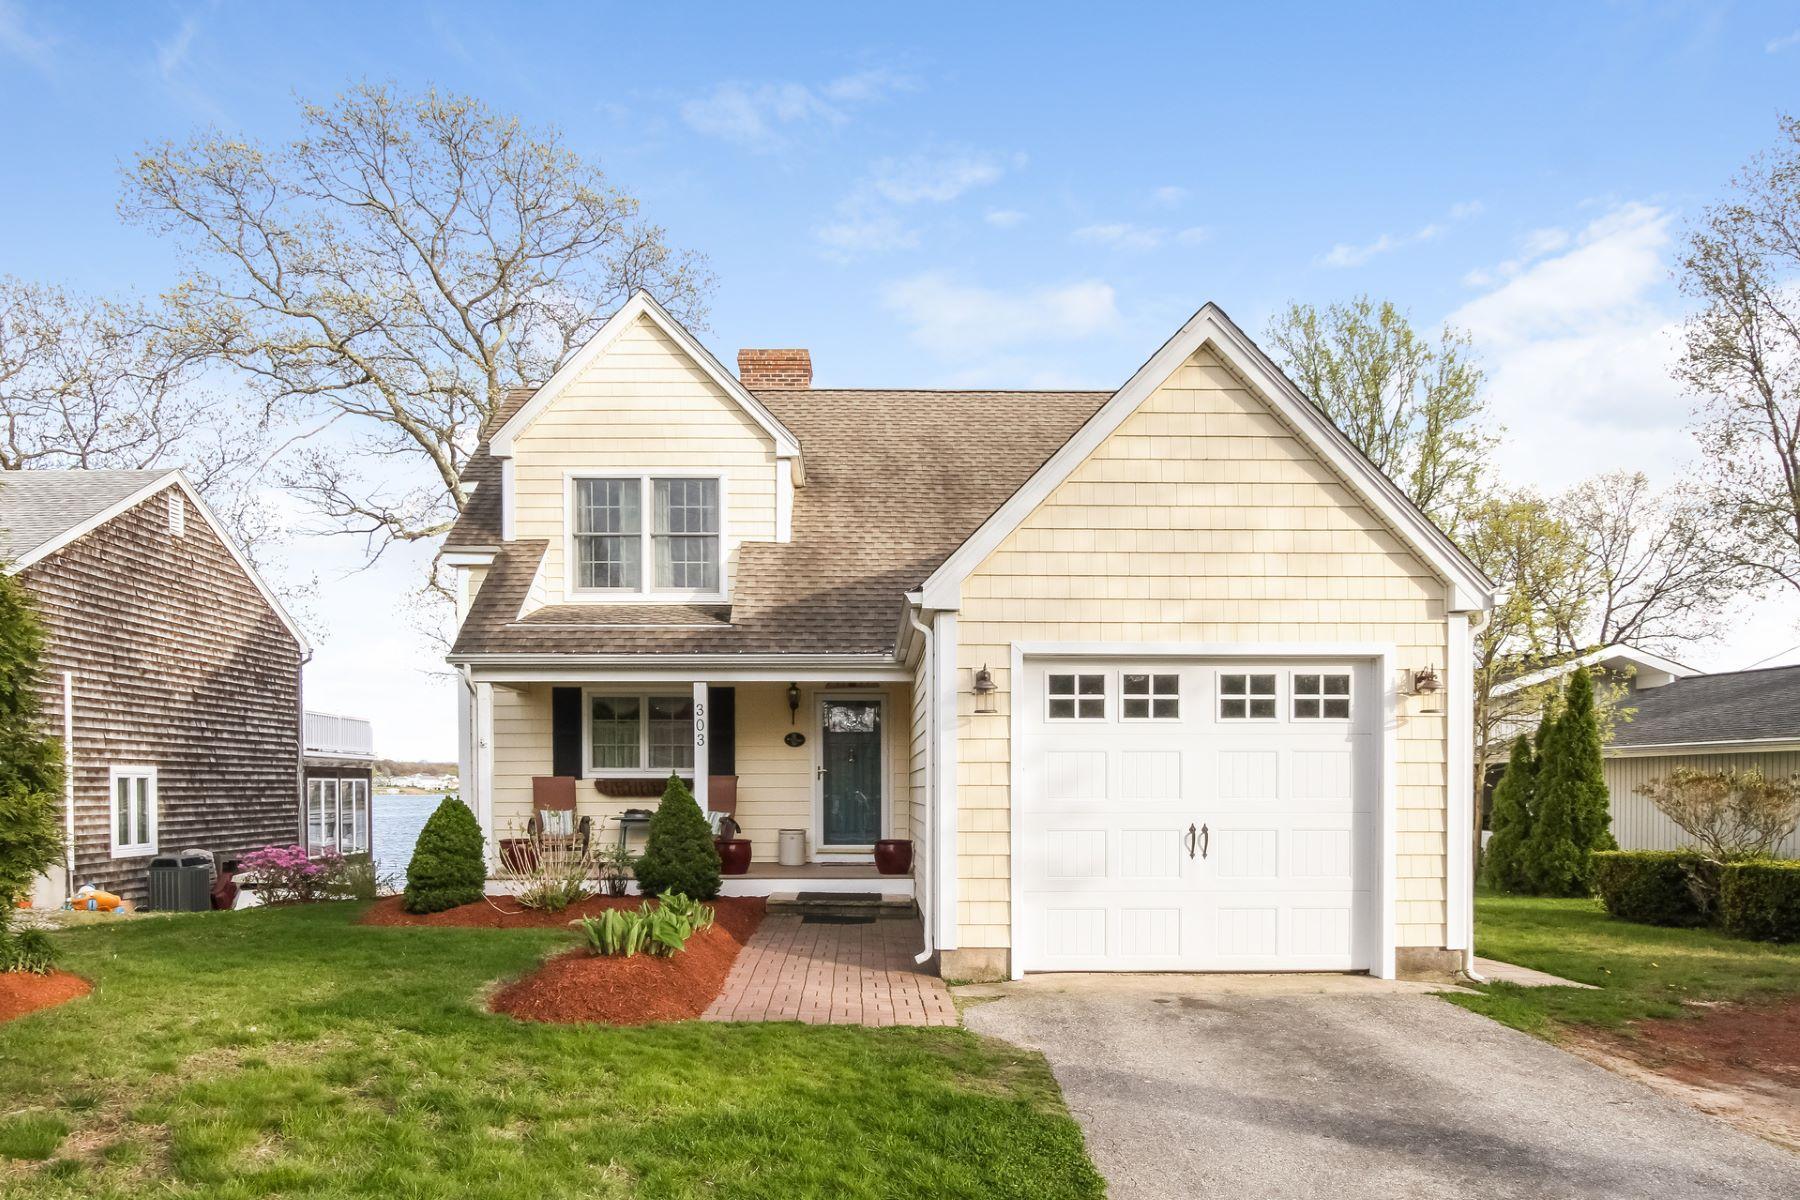 단독 가정 주택 용 매매 에 Waterfront Gem 303 Millstone Rd Waterford, 코네티컷, 06385 미국